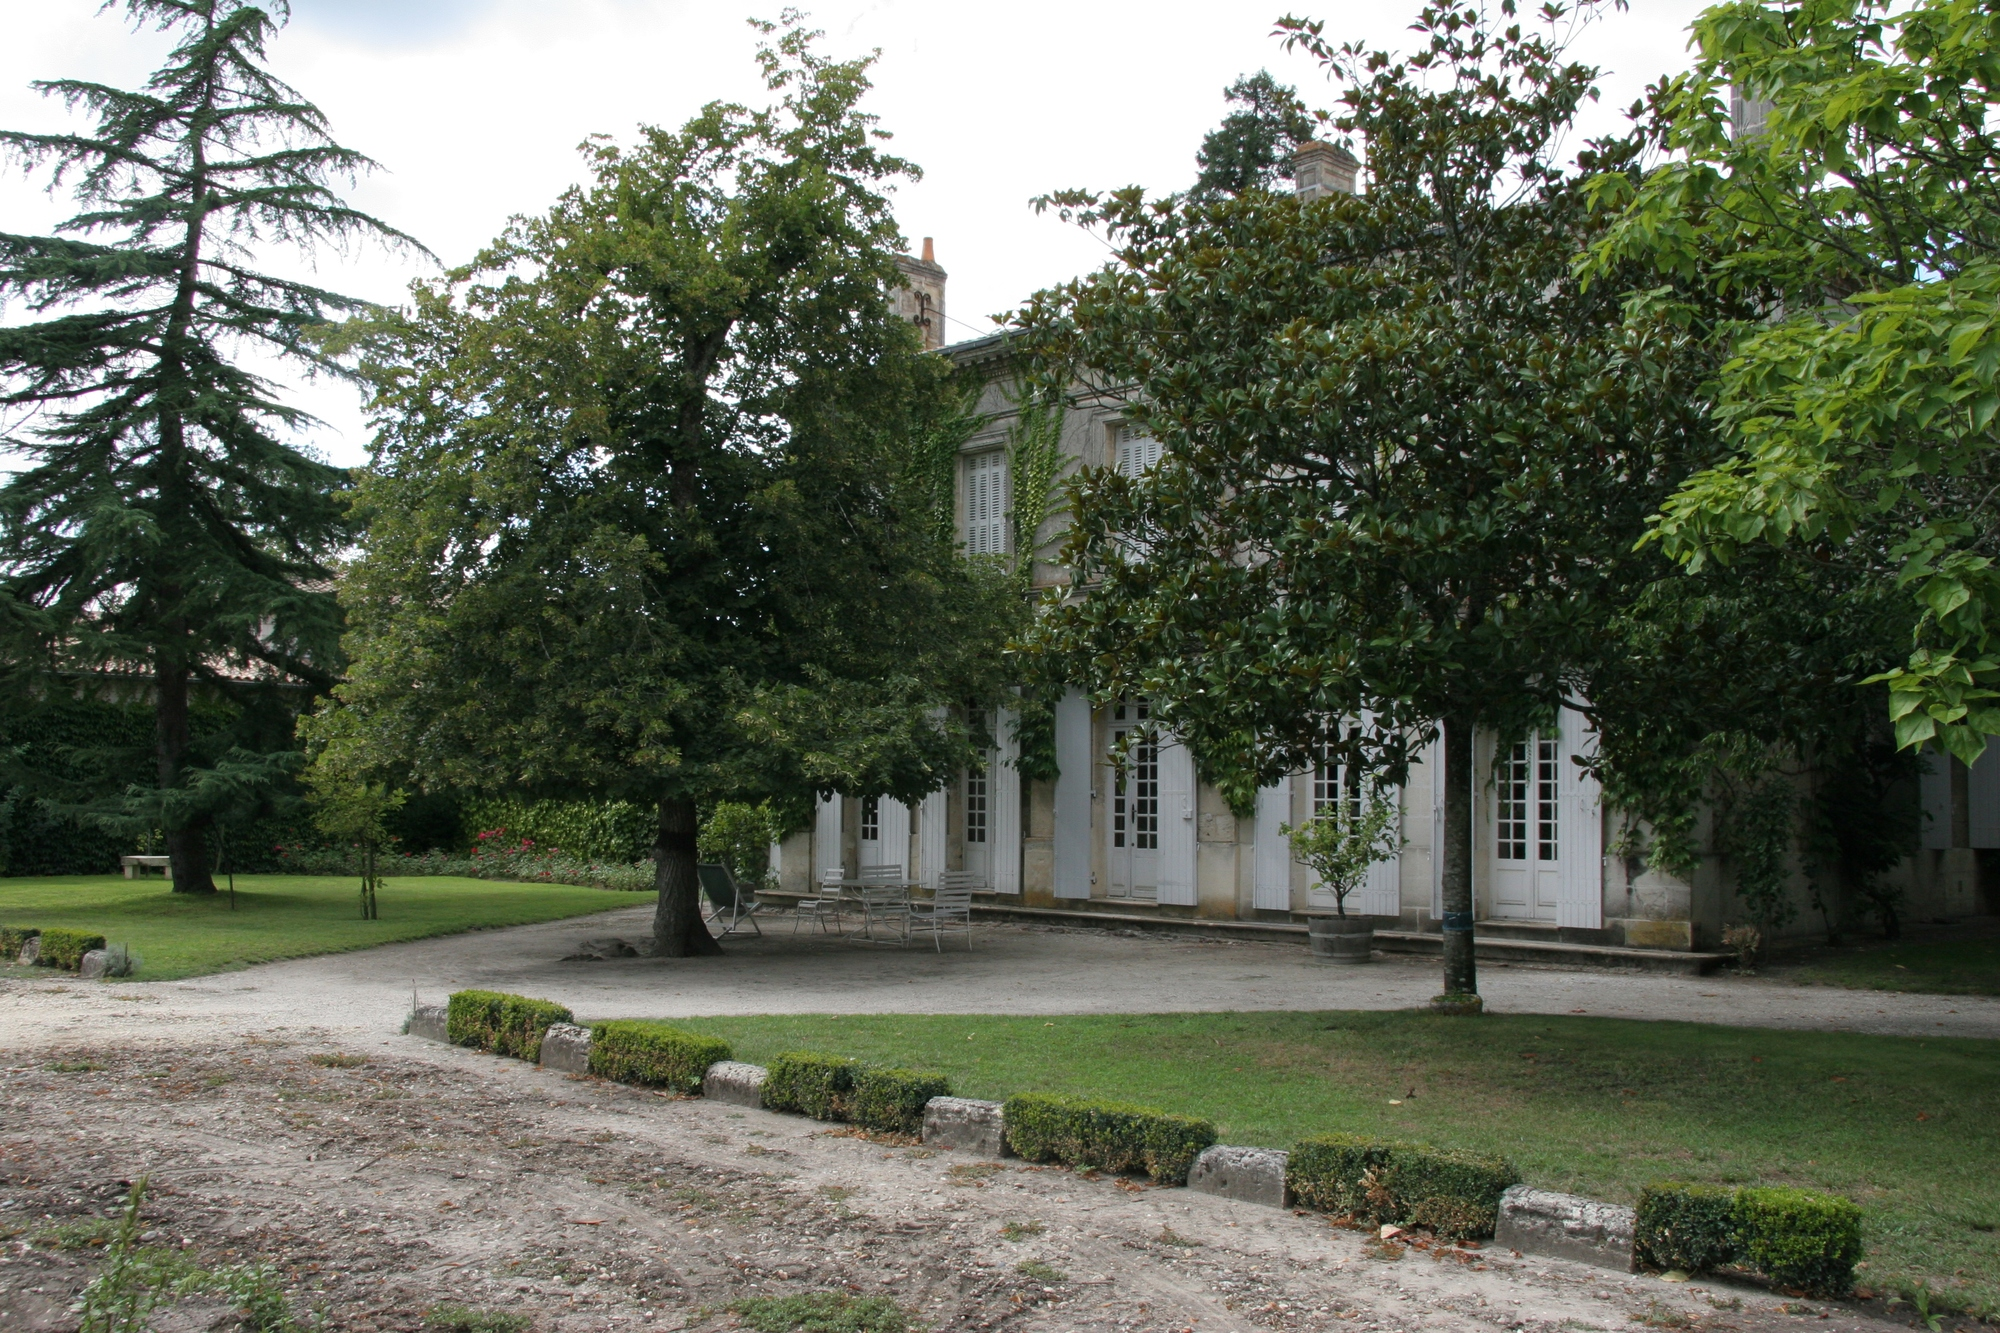 MOULIS-EN-MEDOC – Château Dutruch Grand Poujeaux